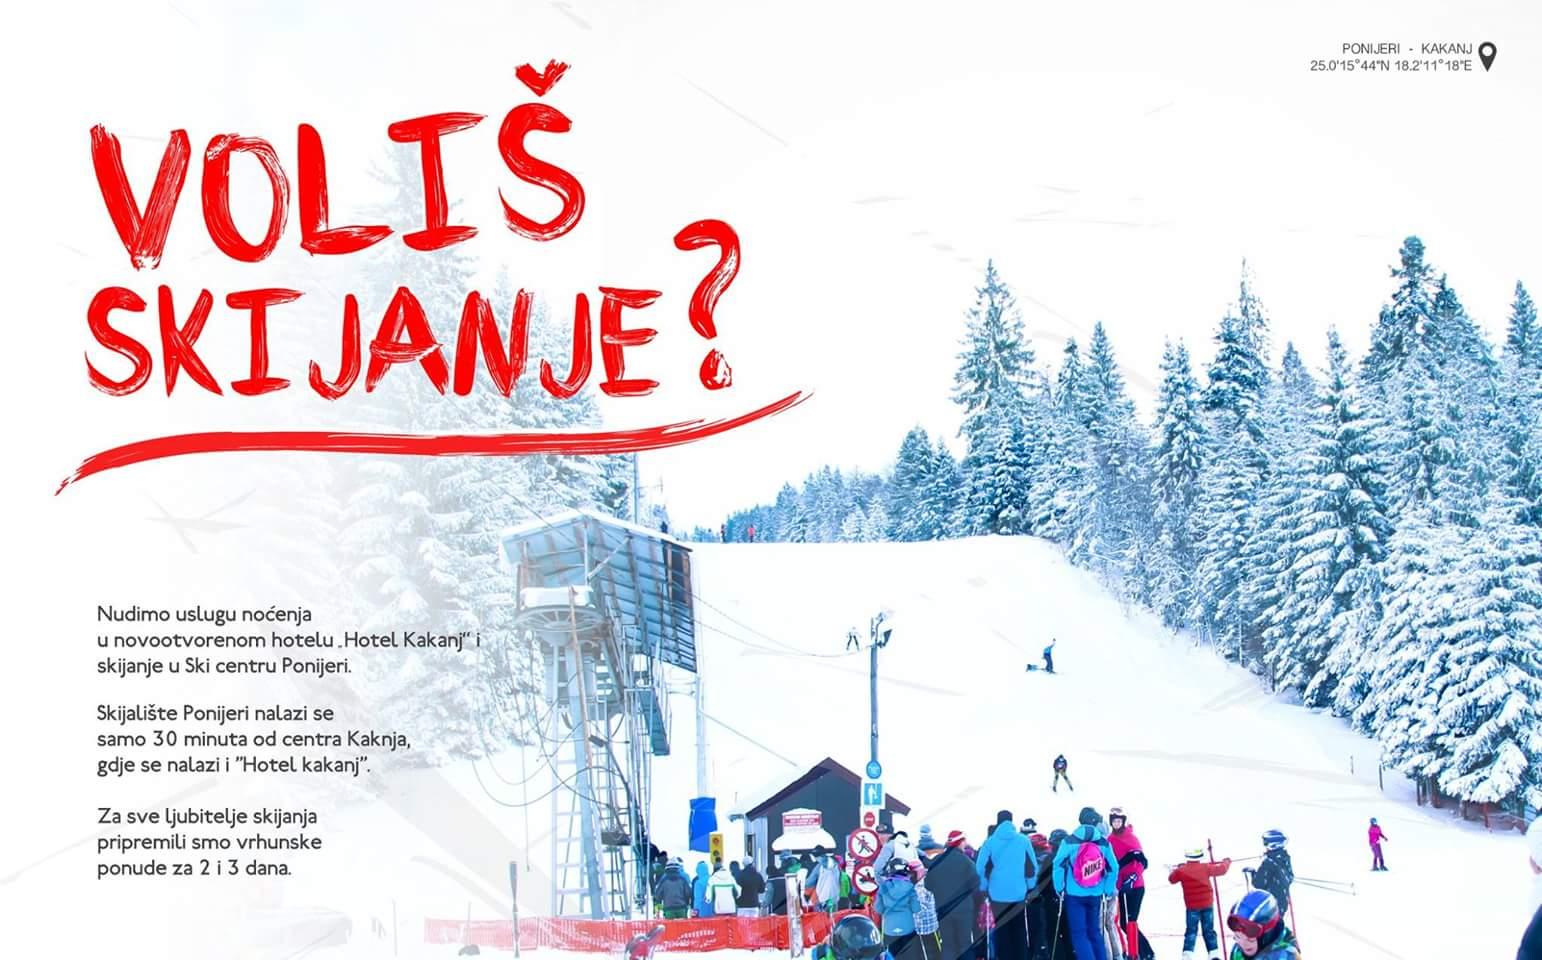 """Posjeti Kakanj, posjeti Ponijere: Nudimo uslugu noćenja u novom hotelu """"Hotel Kakanj"""" i skijanje u Ski centru Ponijeri – Pogledajte našu turističku ponudu"""